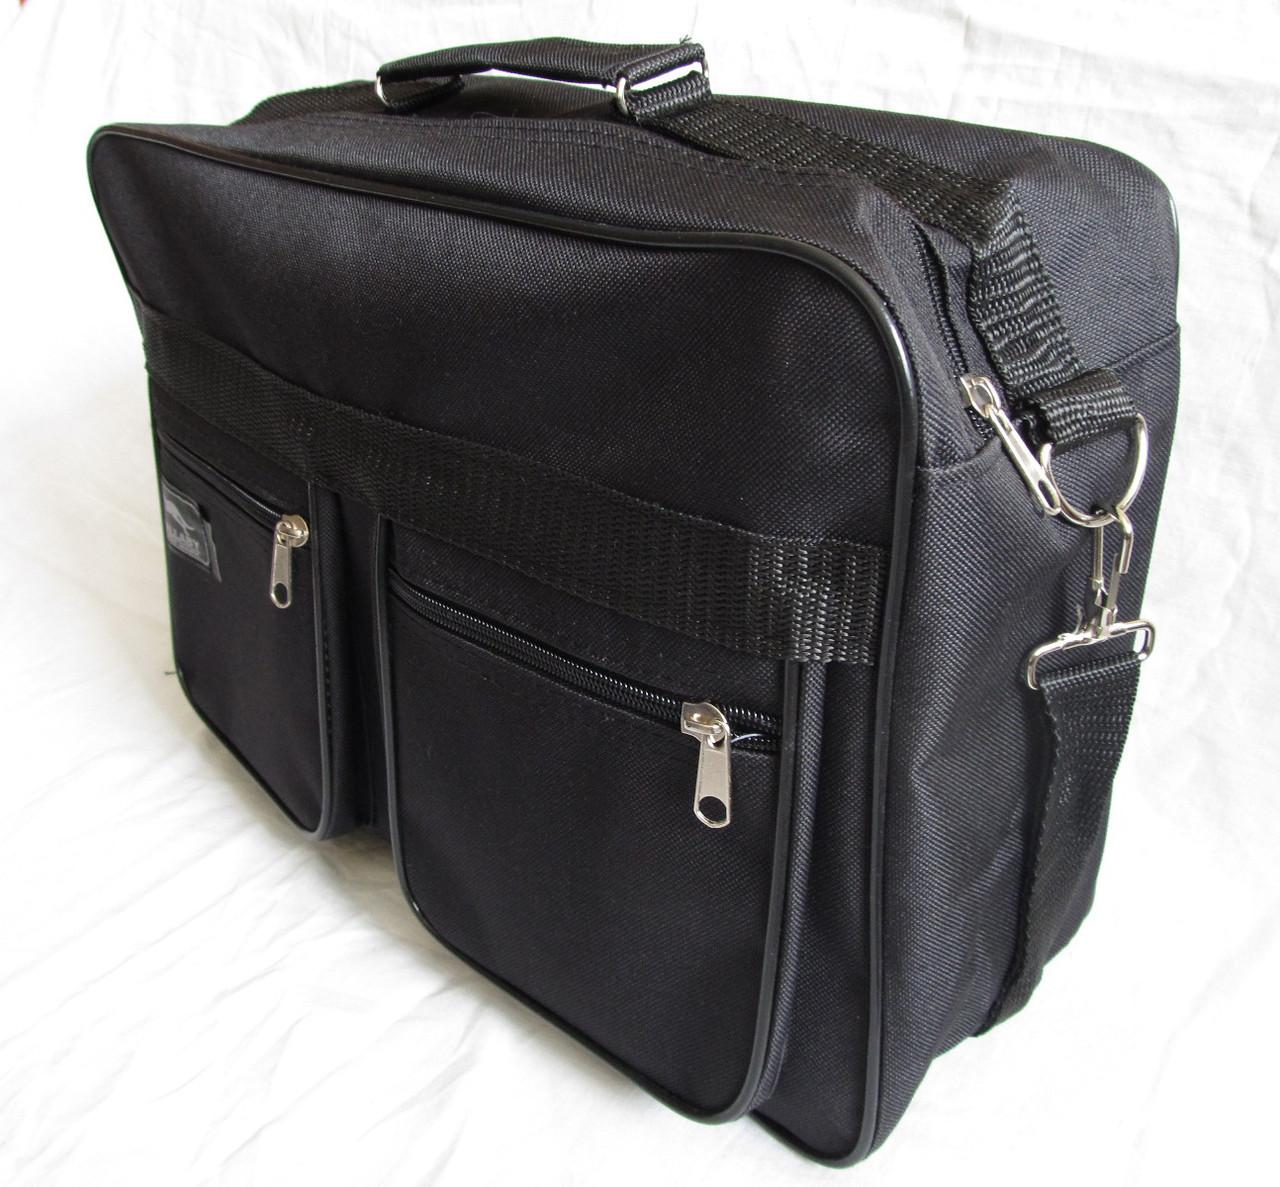 5a93ea59ddab Мужская сумка Wallaby 2631 черная барсетка через плечо папка портфель А4+  38х26х13см - Интернет-магазин